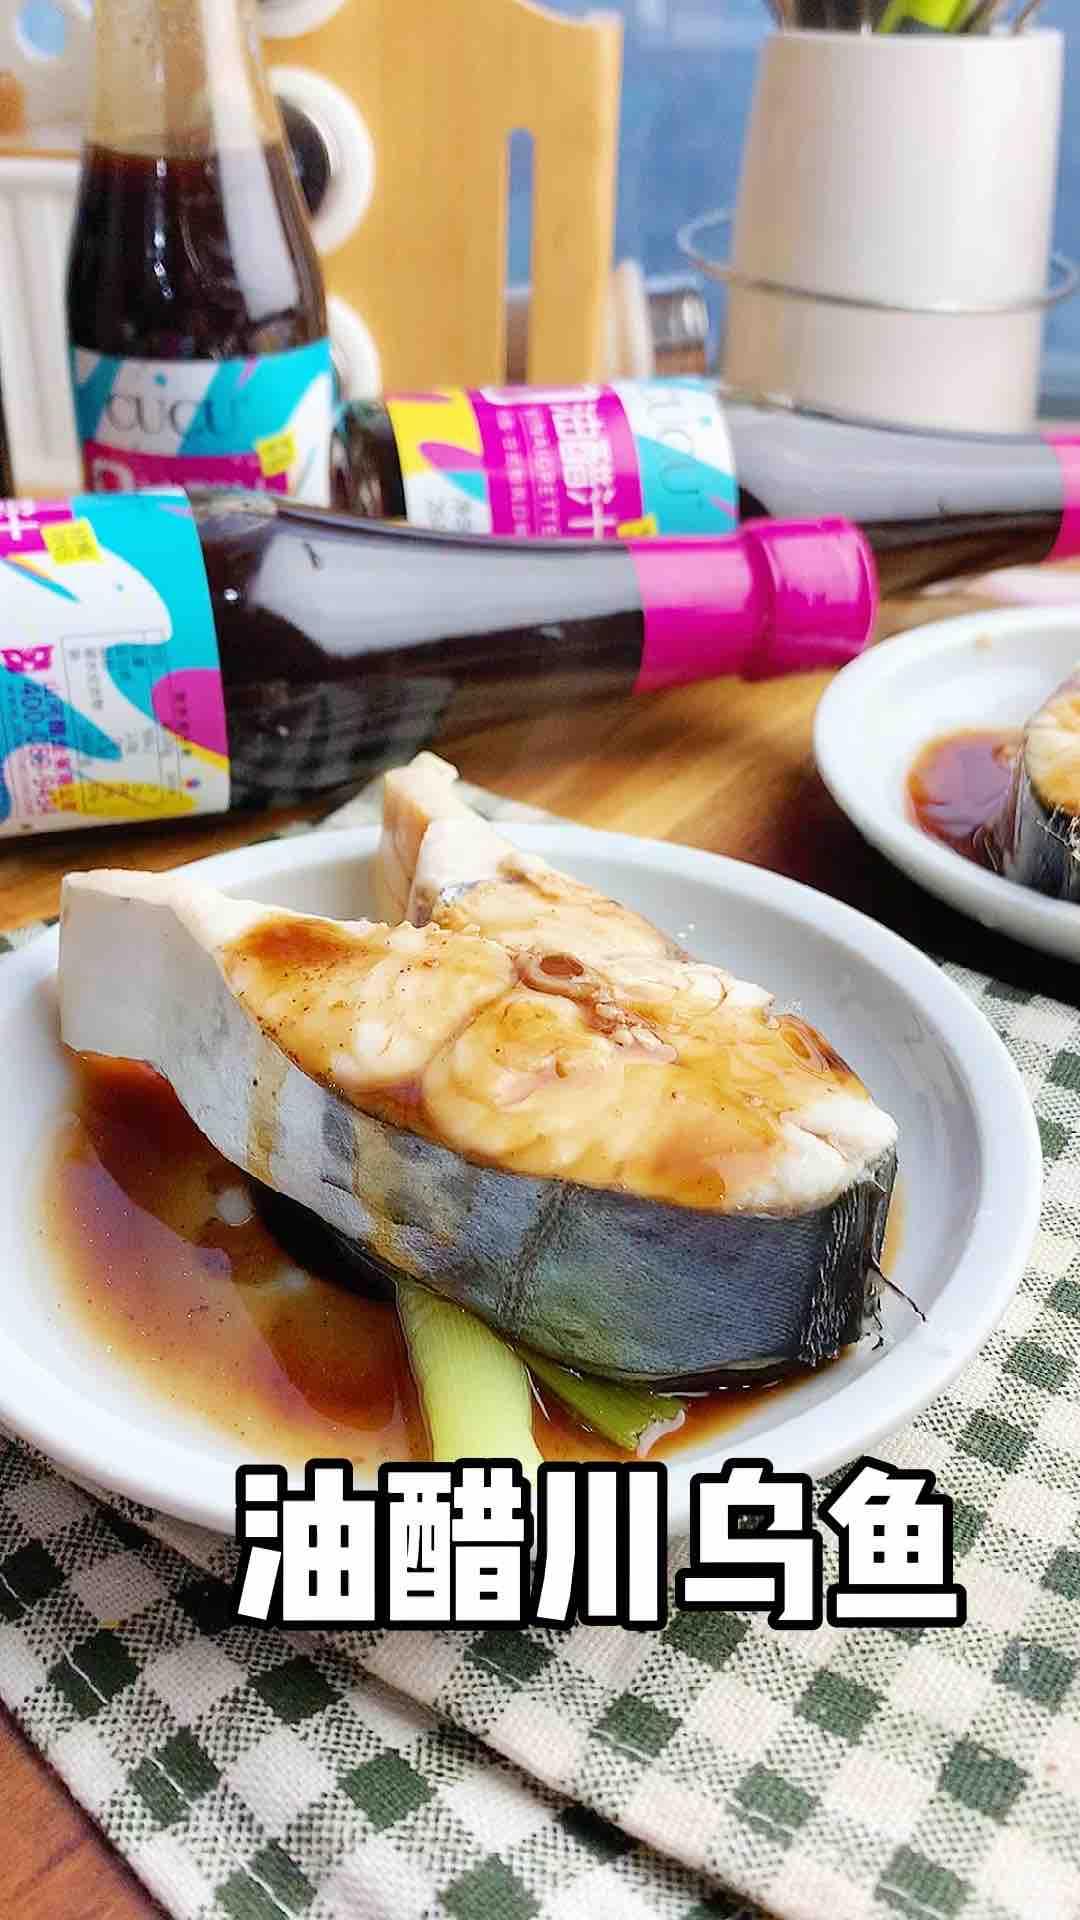 油醋川乌鱼的做法